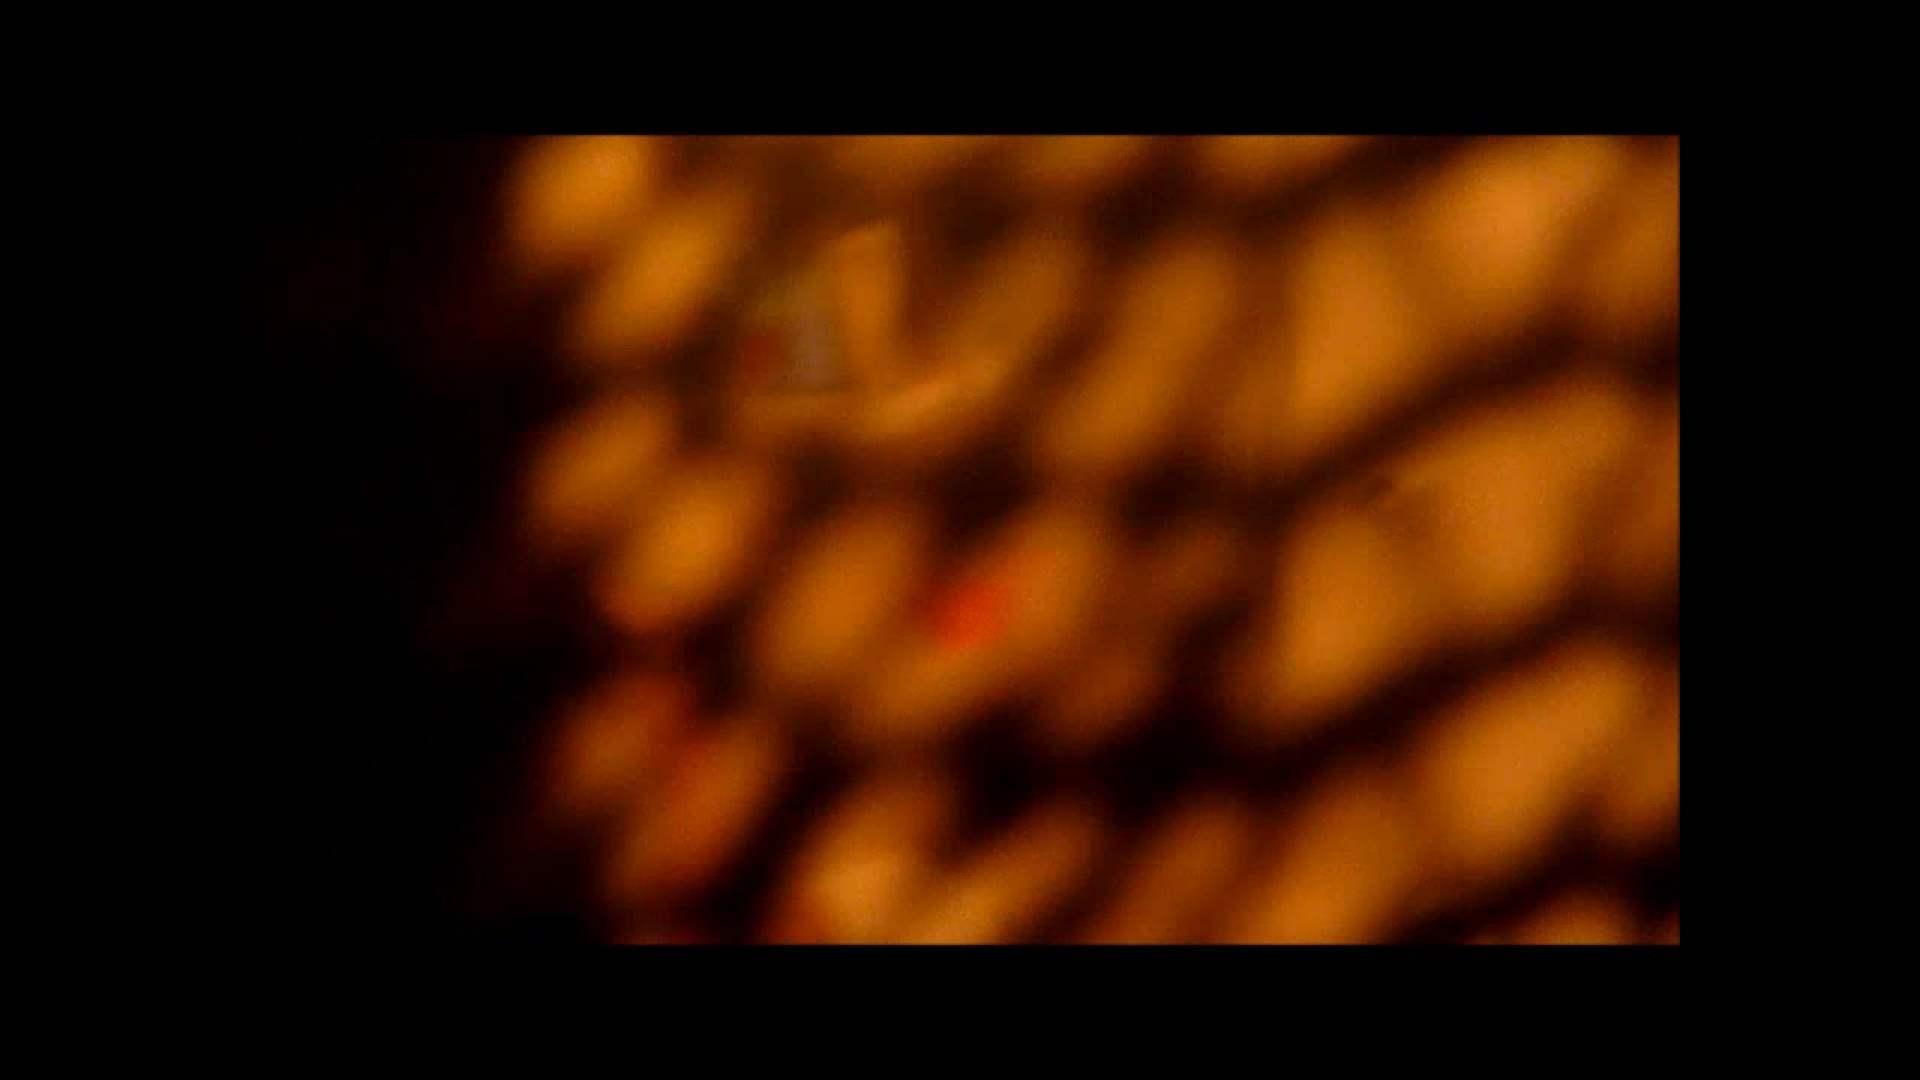 【02】ベランダに侵入して張り込みを始めて・・・やっと結果が出ました。 マンコ特集 | オマンコ丸見え  25連発 20